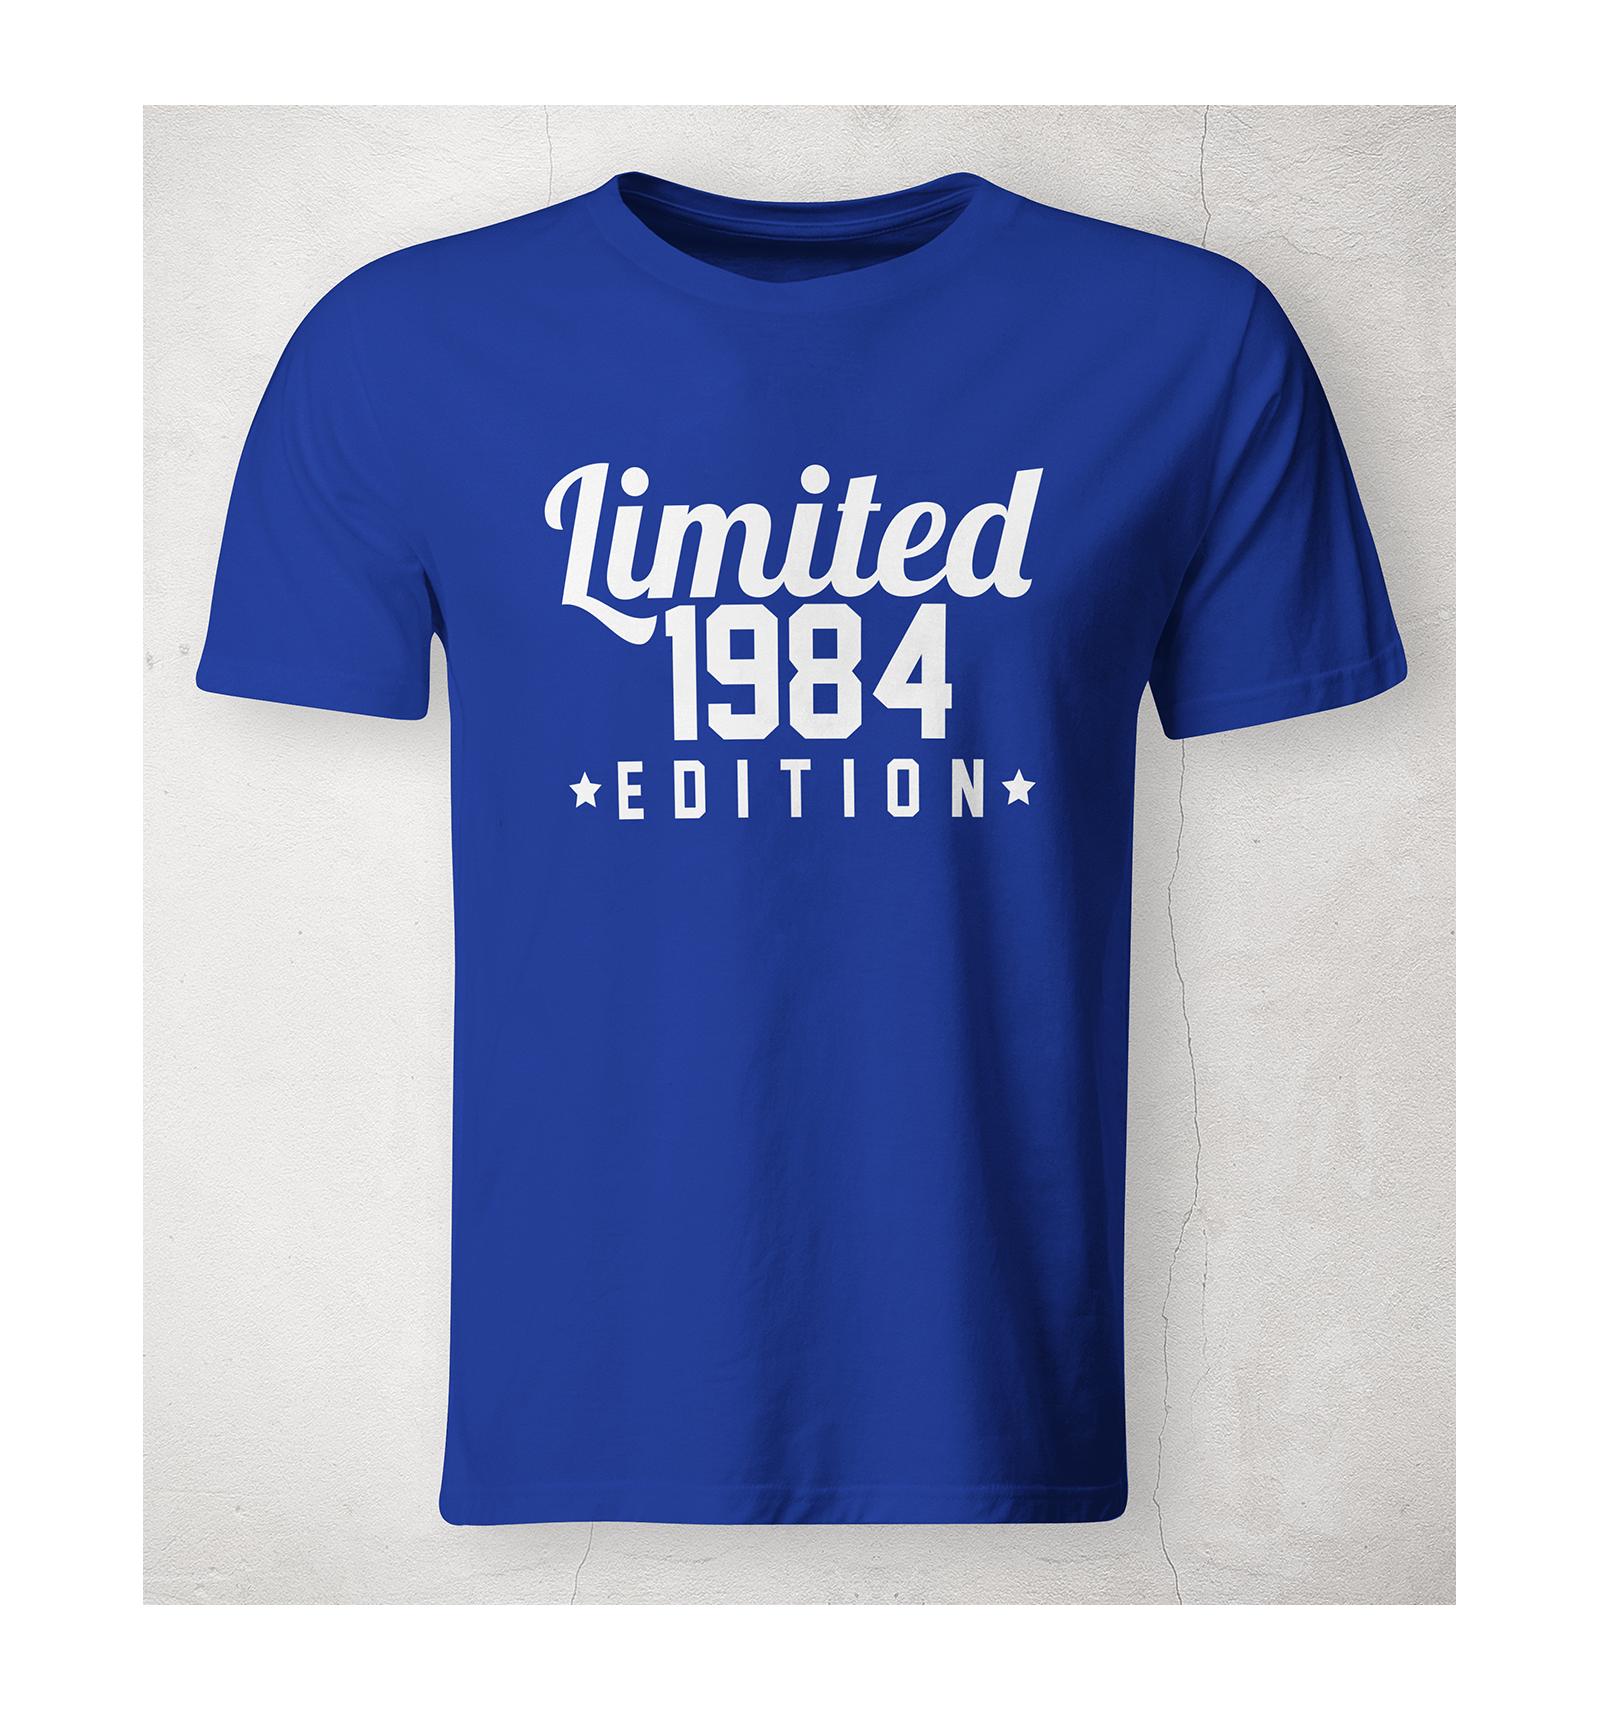 Pánské tričko Limited Edition (s vlastním datem) - BVTRIKO a0a5bec81e